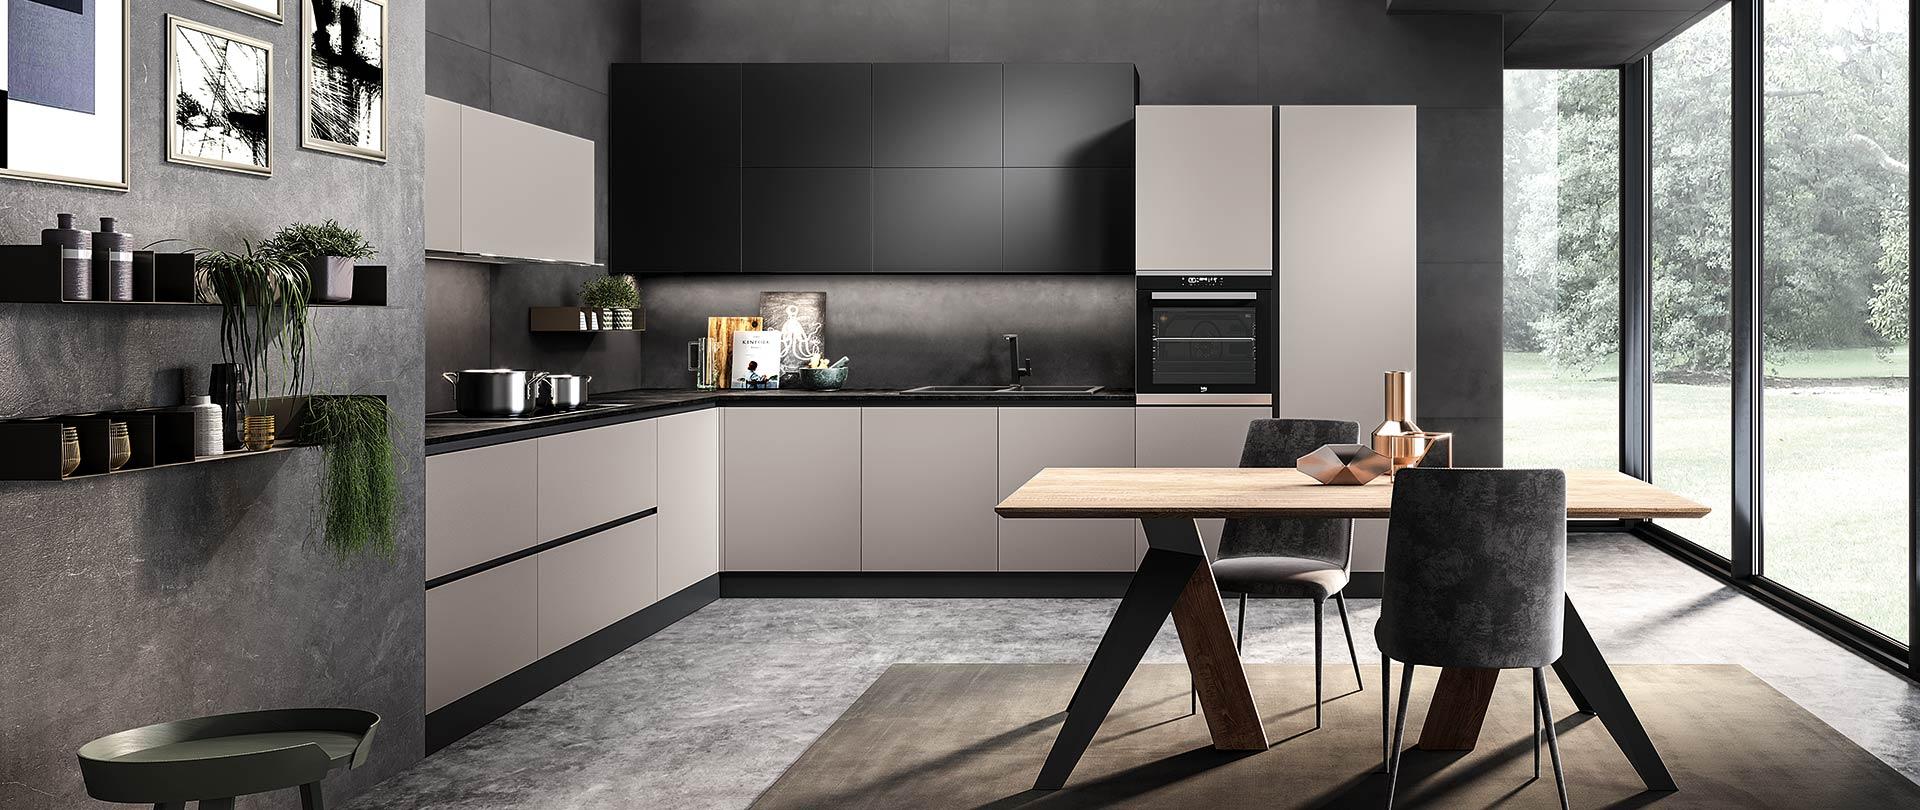 Cucina materiali innovativi come EOS, frutto di studio e ...